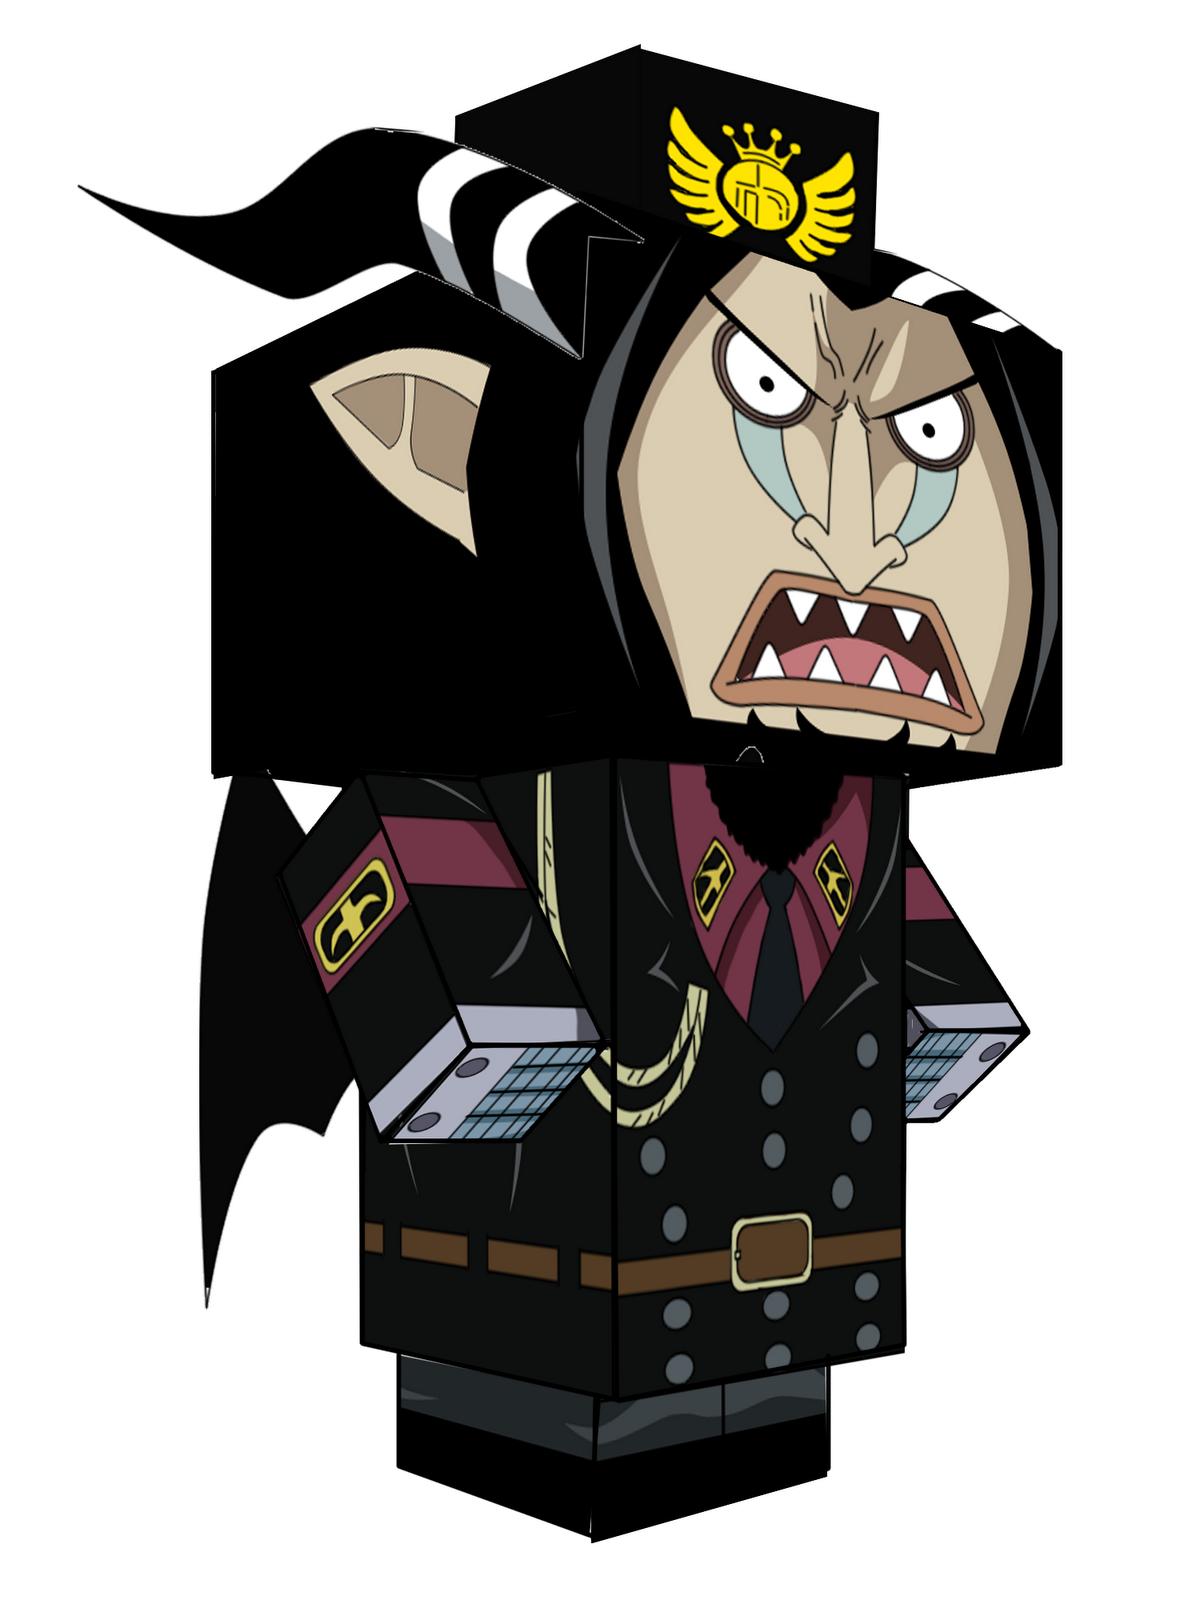 Magellan (One Piece)